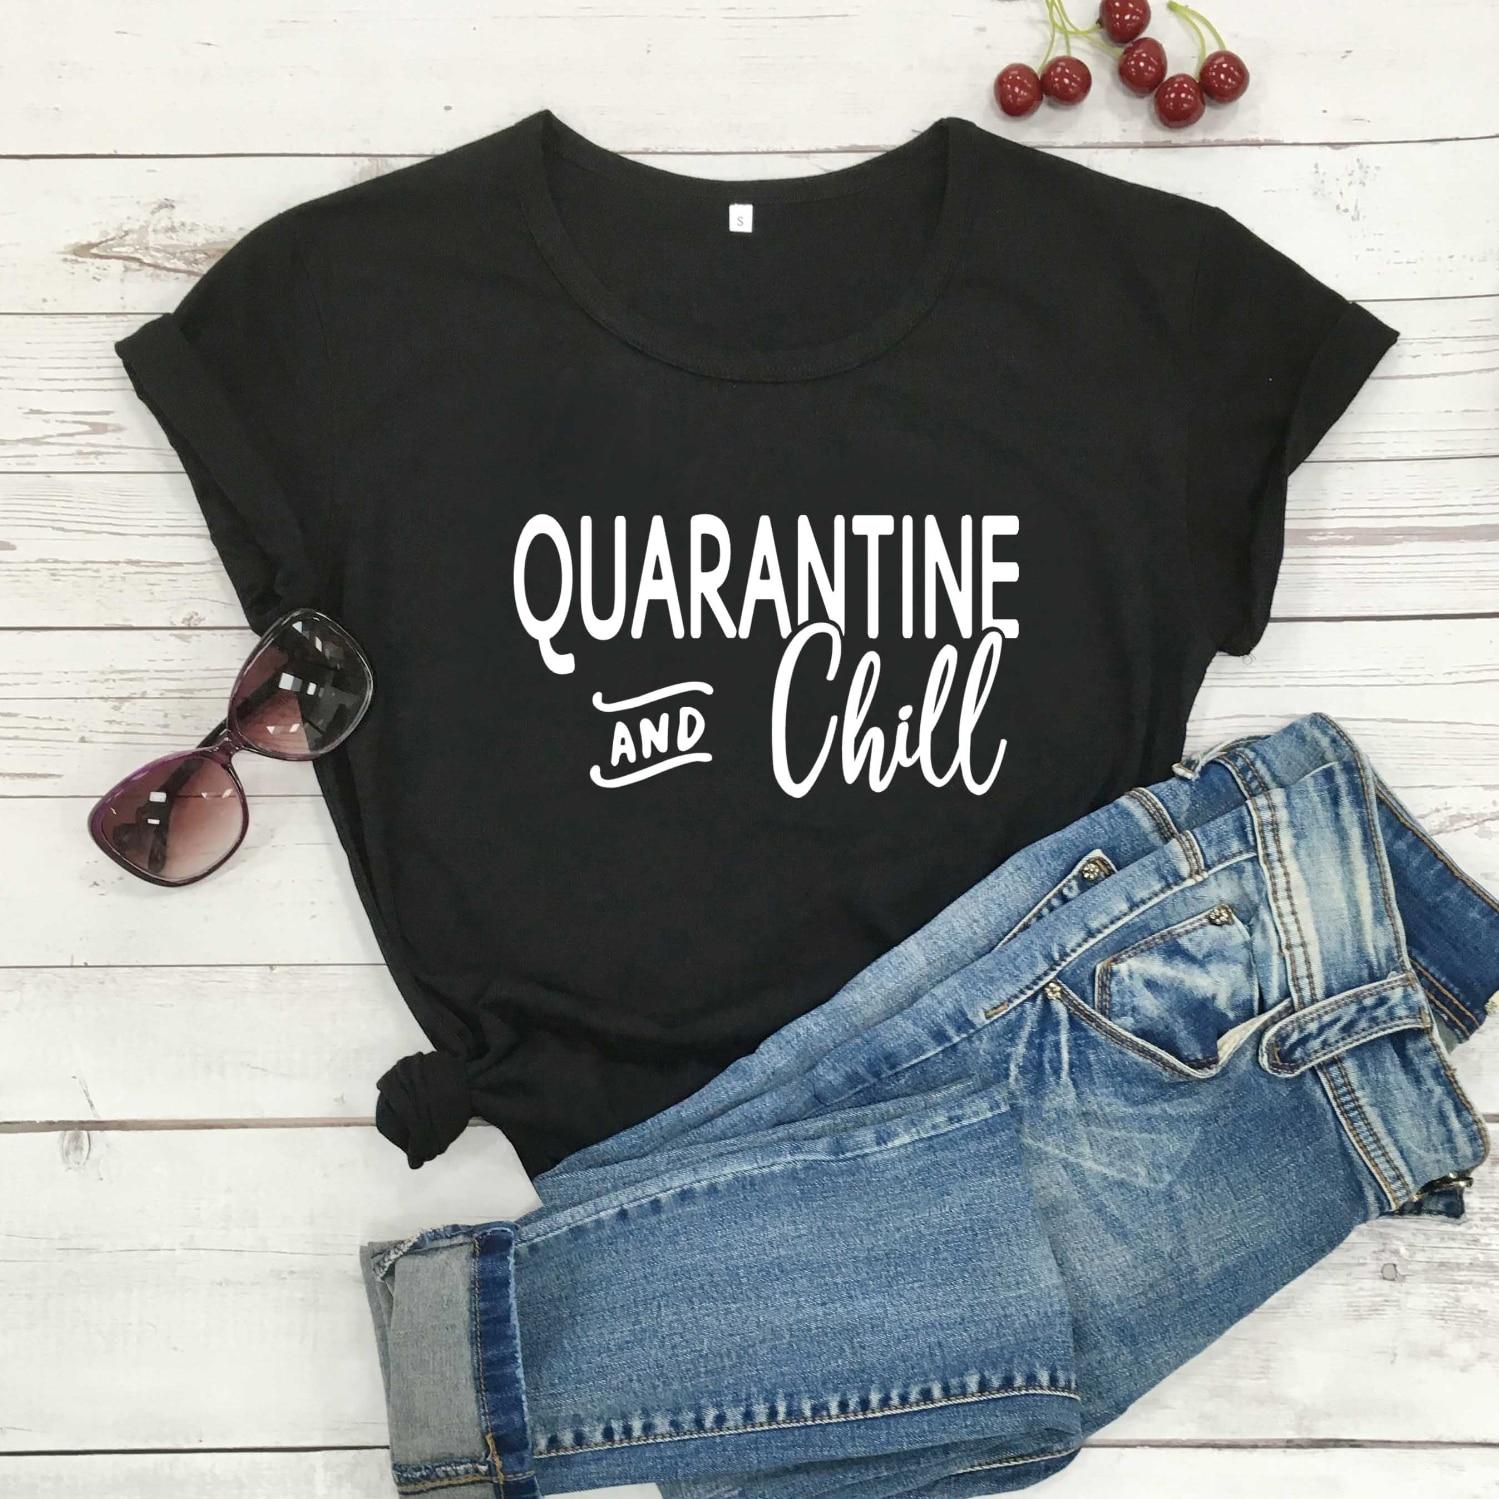 Camiseta de algodón con lema inconformista informal de moda de 2020 para mujer de Quarantine and chill, cita de fiesta hipster, camisetas estéticas tops-M983